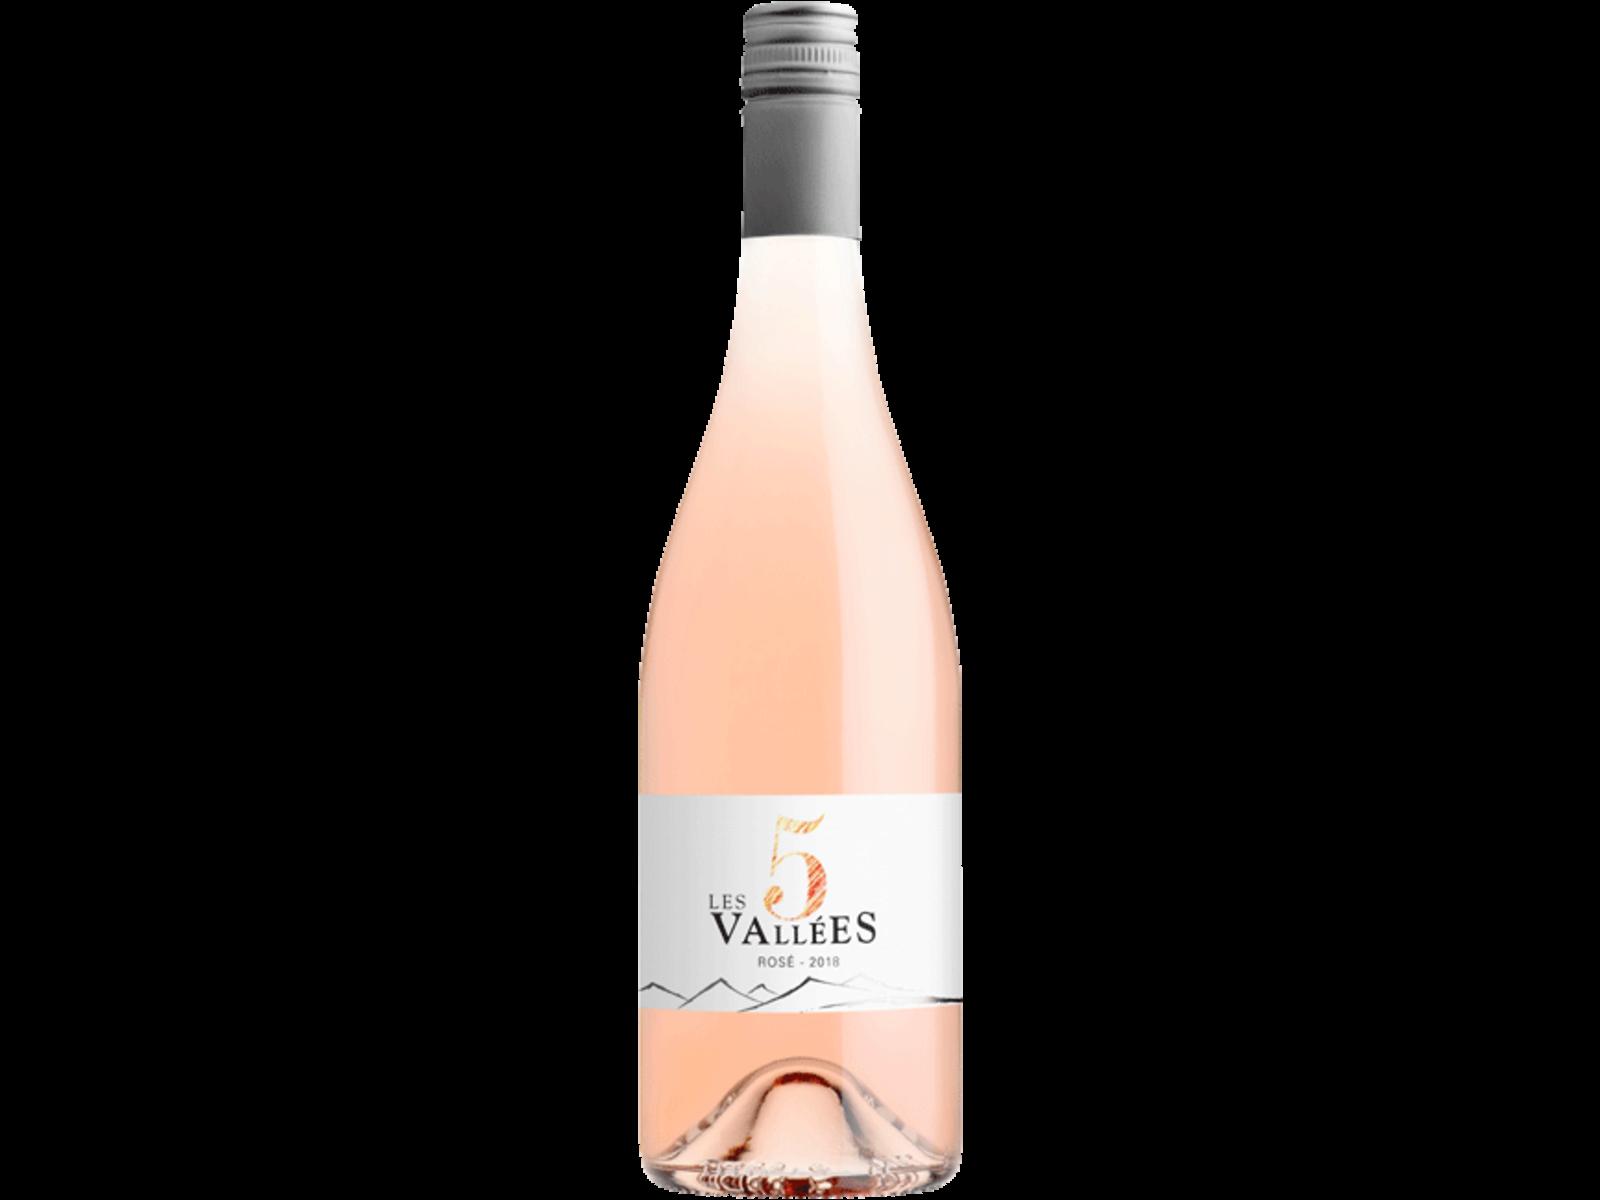 Domaines Paul Mas Les 5 Vallees / Rosé